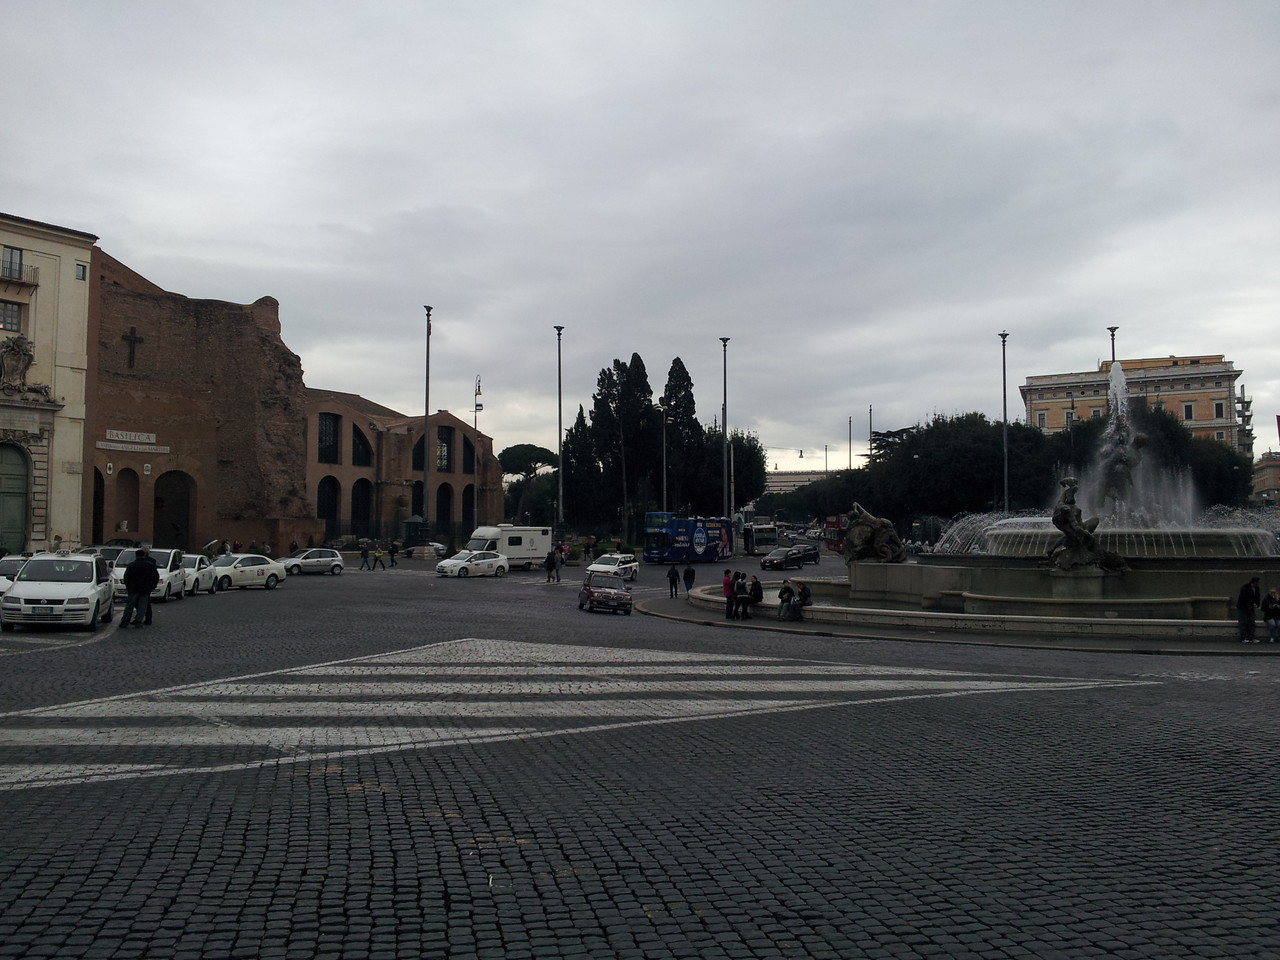 Piazza della Republica